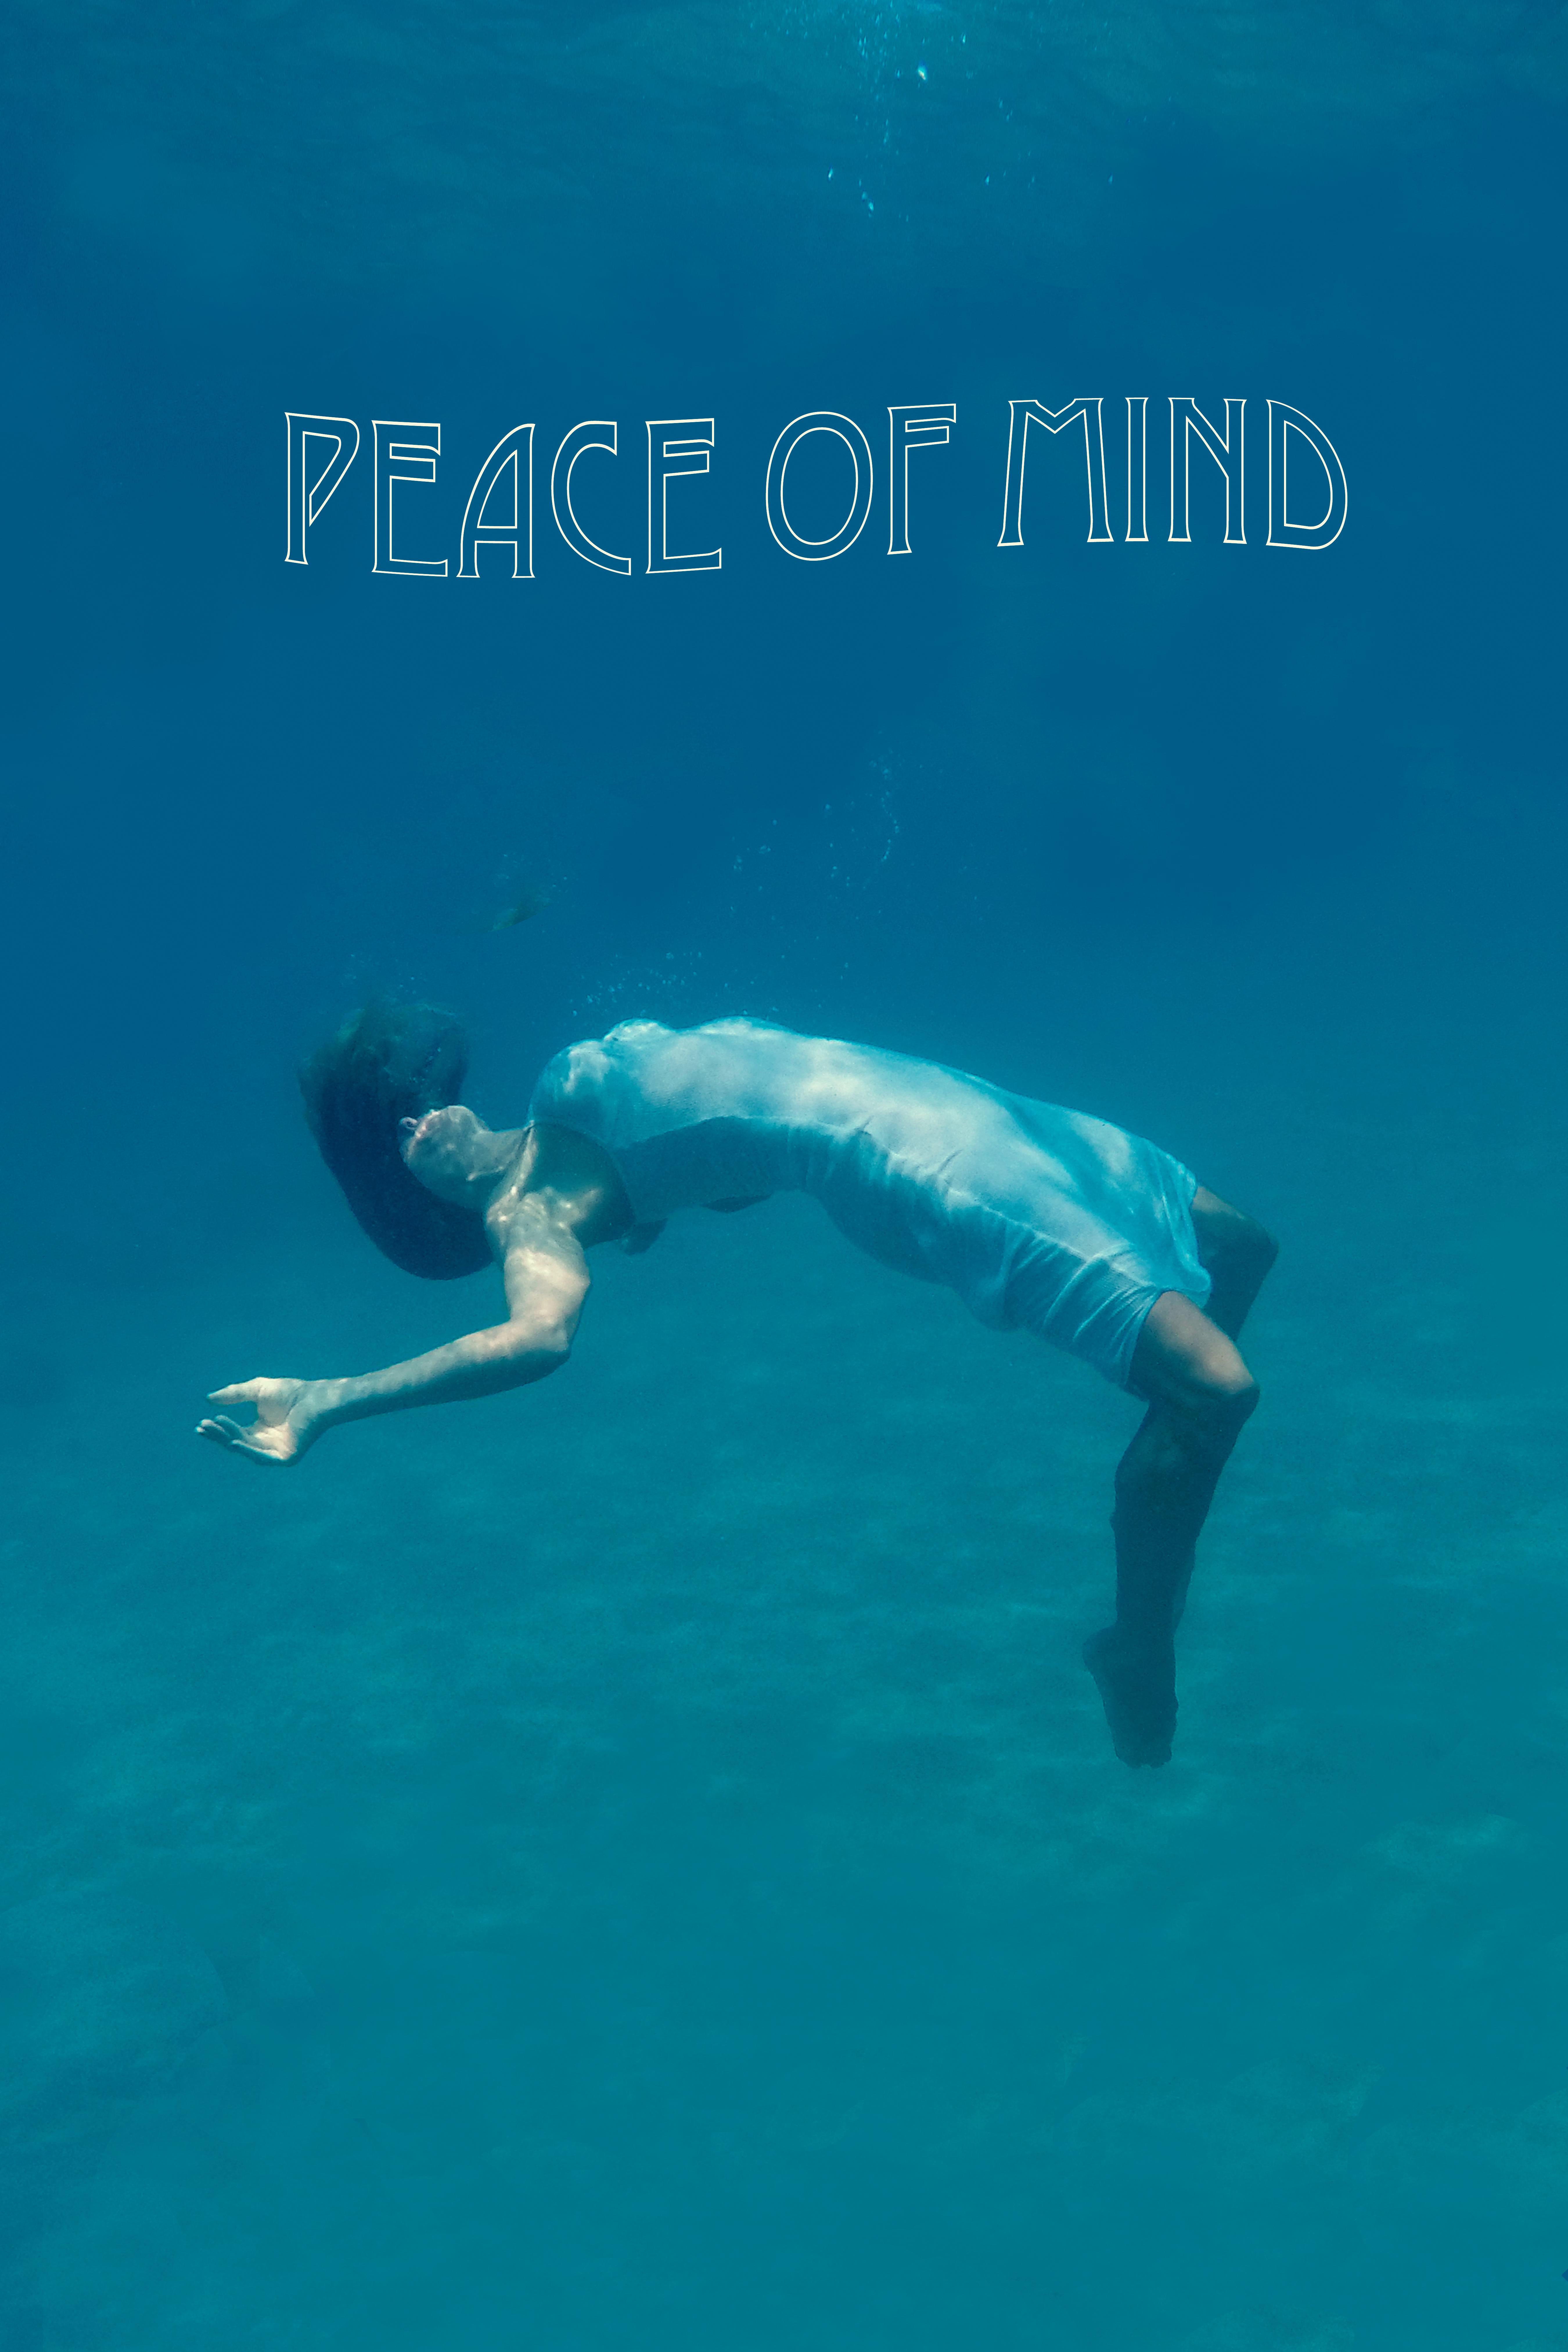 Peace Of Mind 2019 Imdb